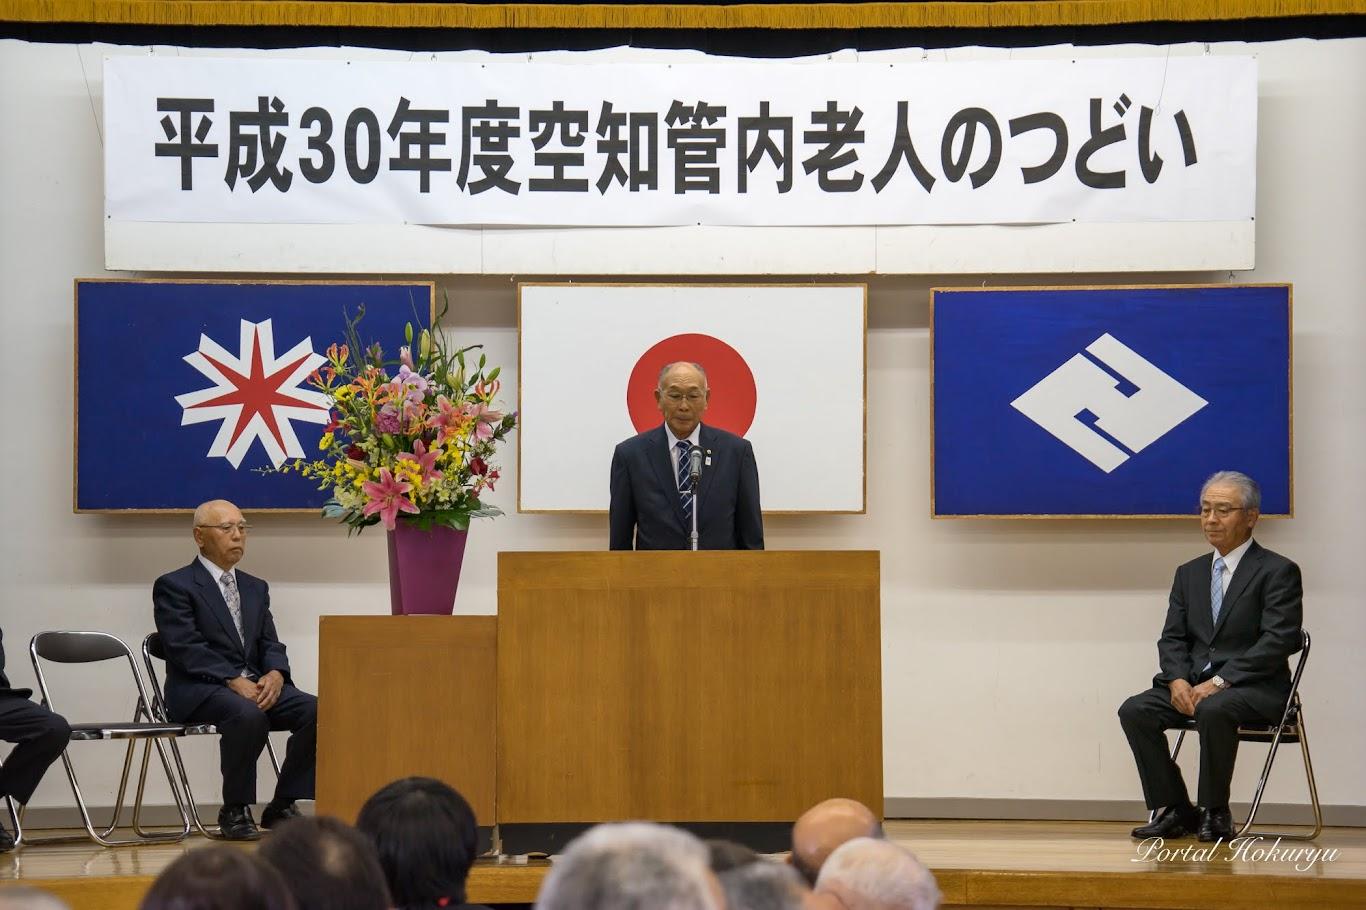 空知地区老人クラブ連合会・吉田輝雄 副会長